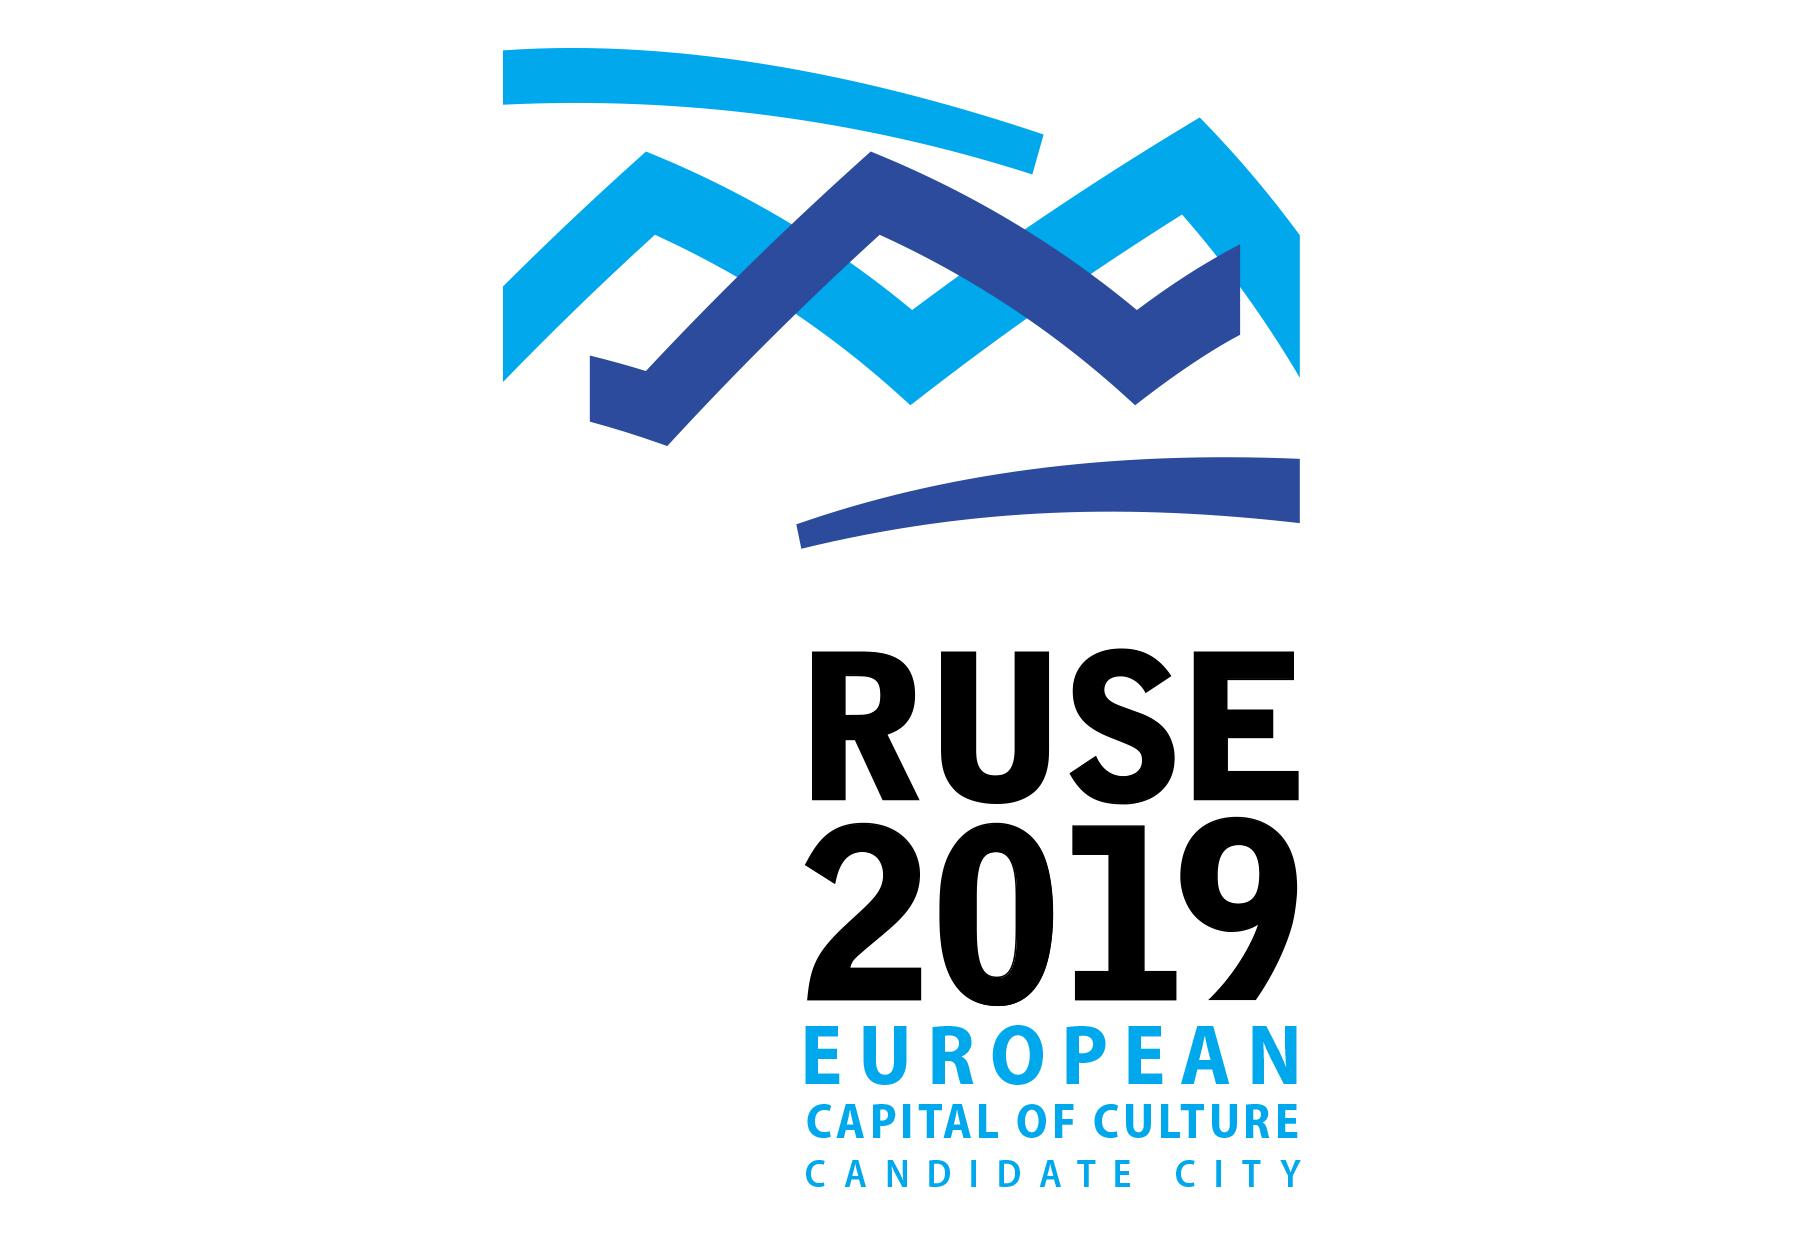 Графичен знак и логотип за Русе - европейска столица на културата 2019